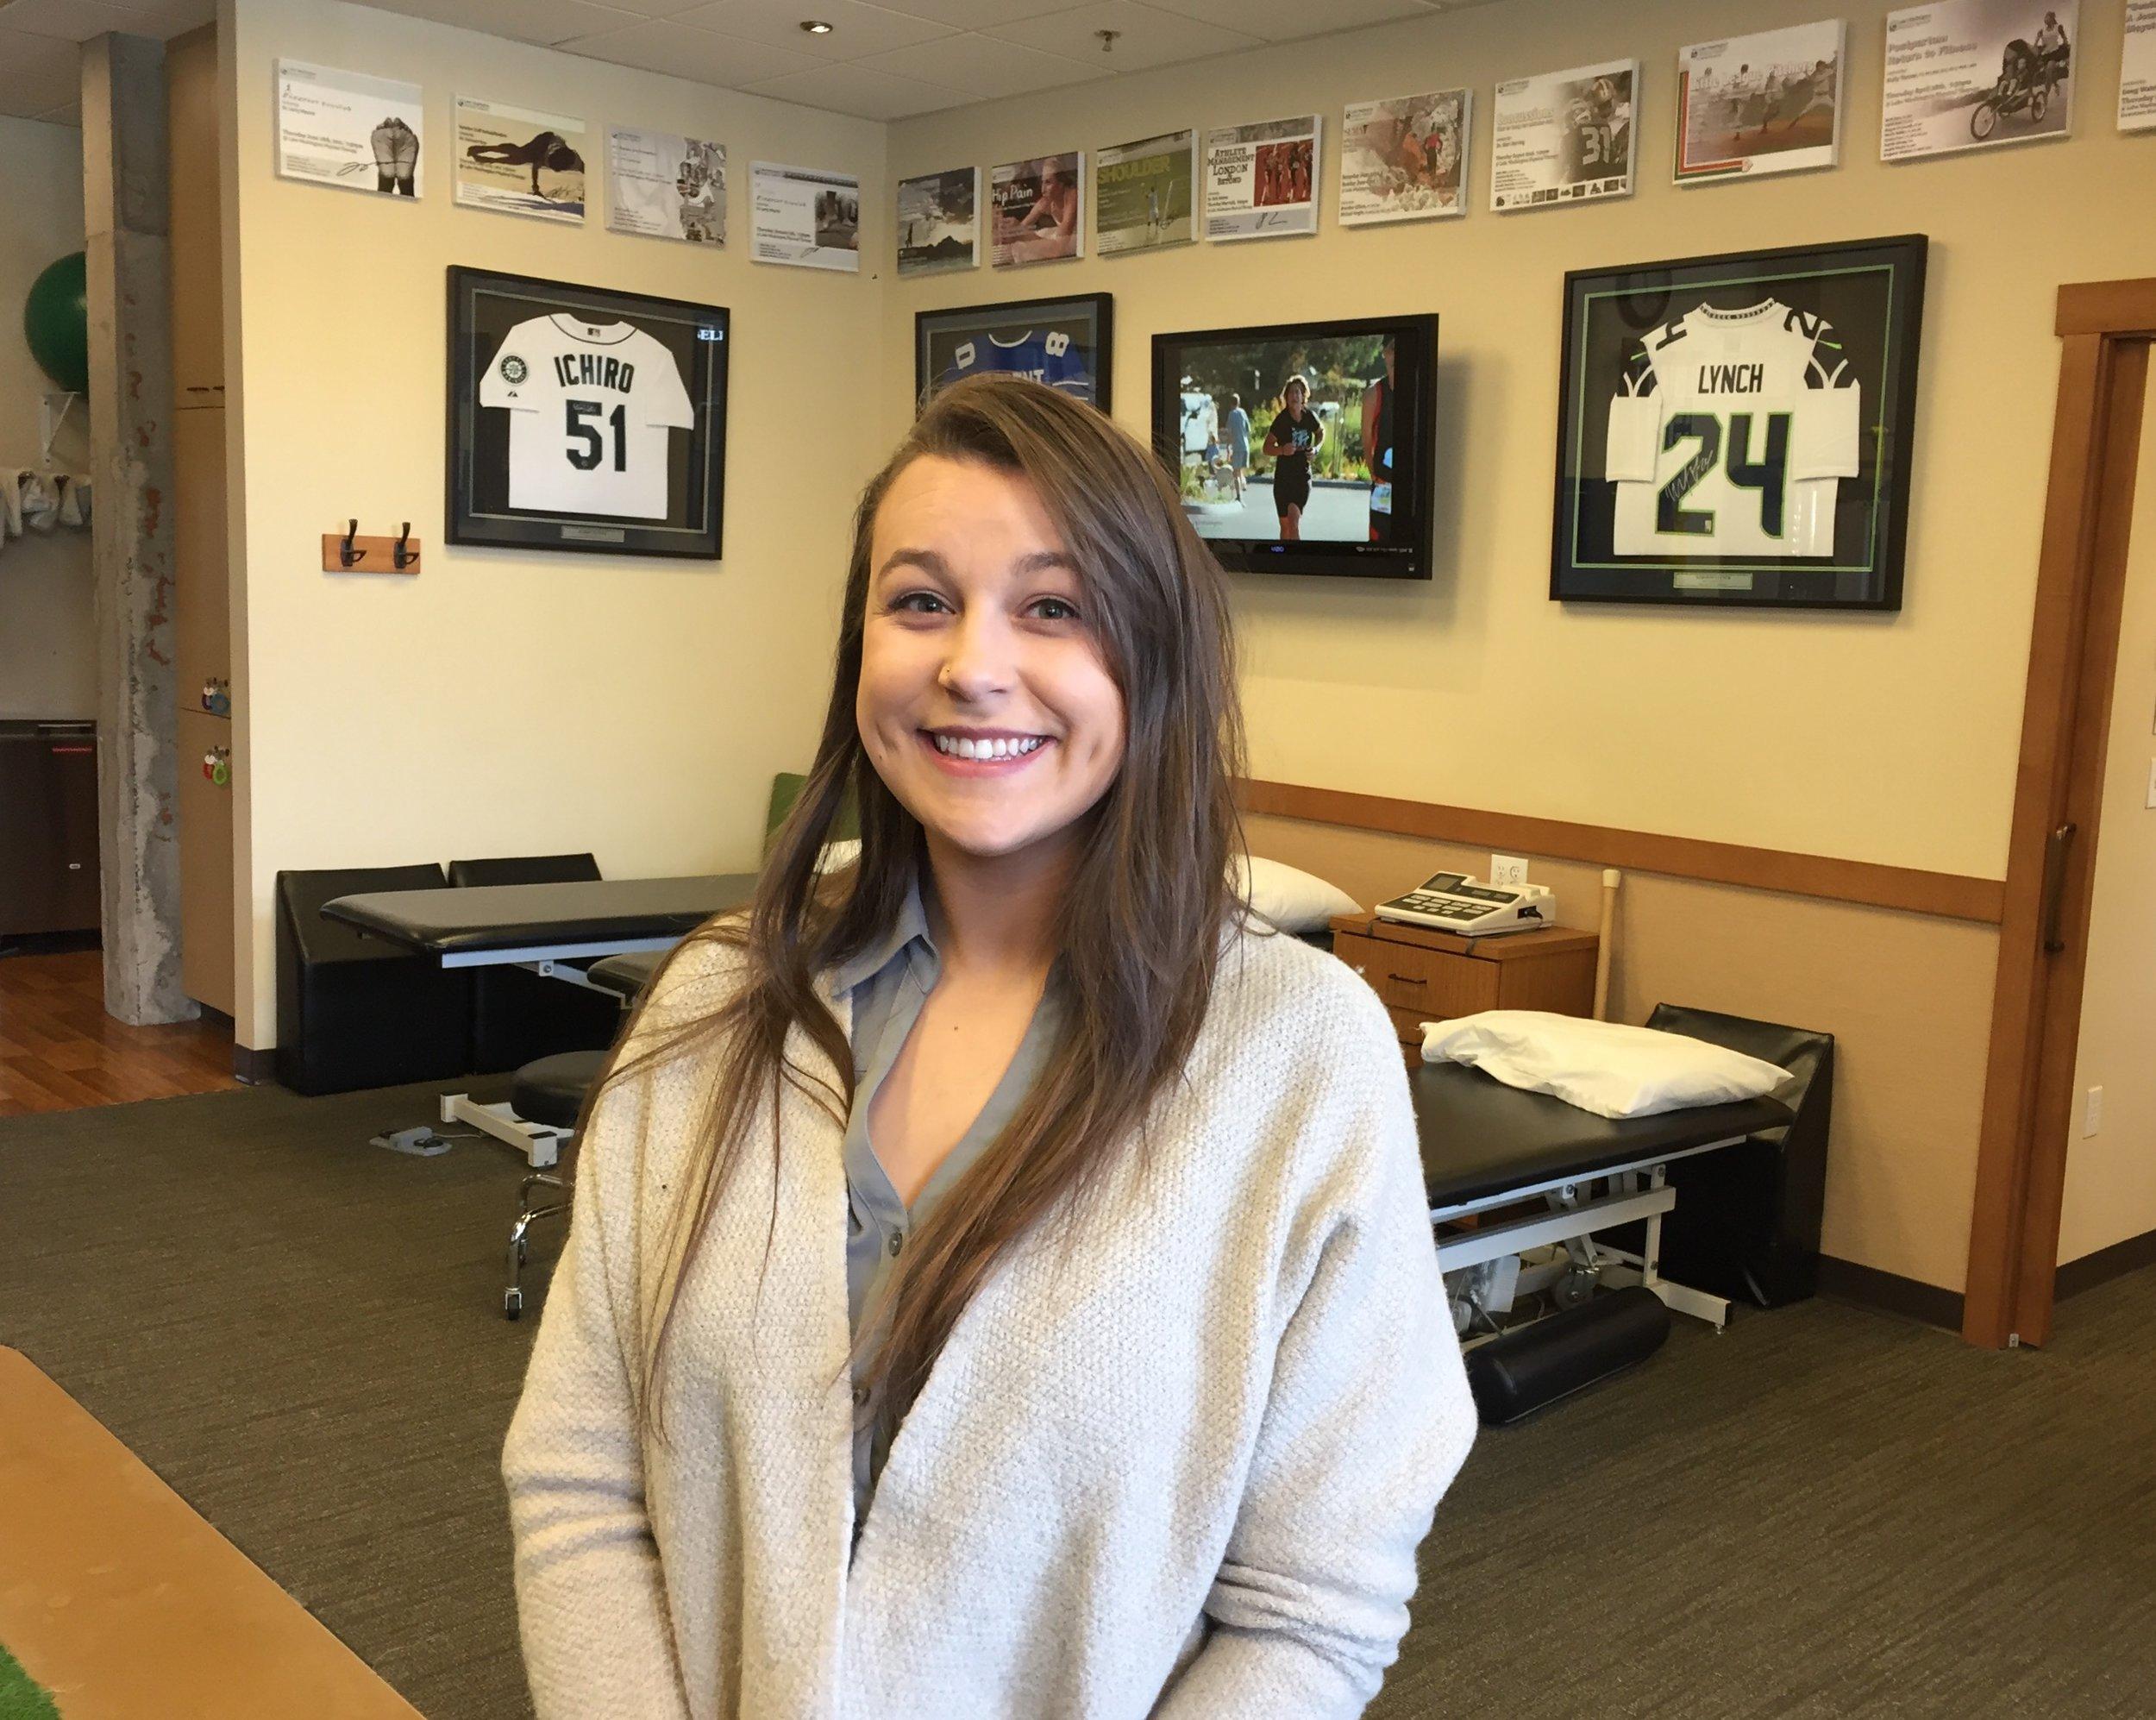 Kamy BrandtAide & Front Office 2016-2019 - High School: Skyline High SchoolCollege: Universtiy of WashingtonPT Program: St. Augustine University San Diego